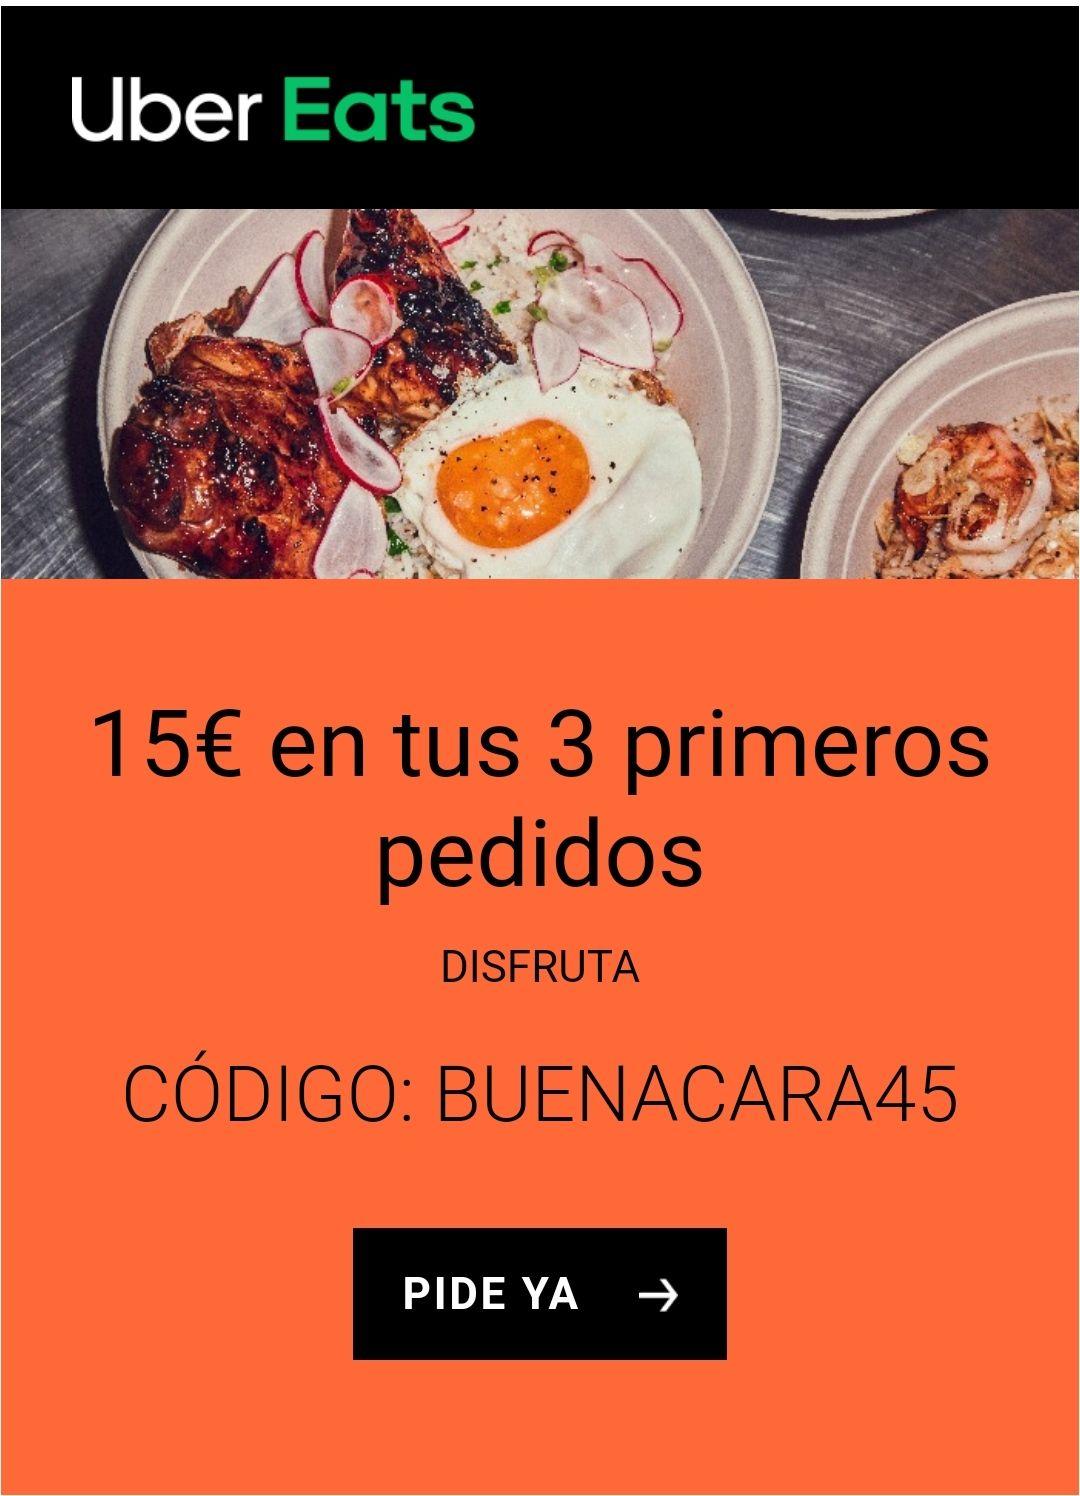 15€ de descuento en Uber Eats para los 3 primeros pedidos